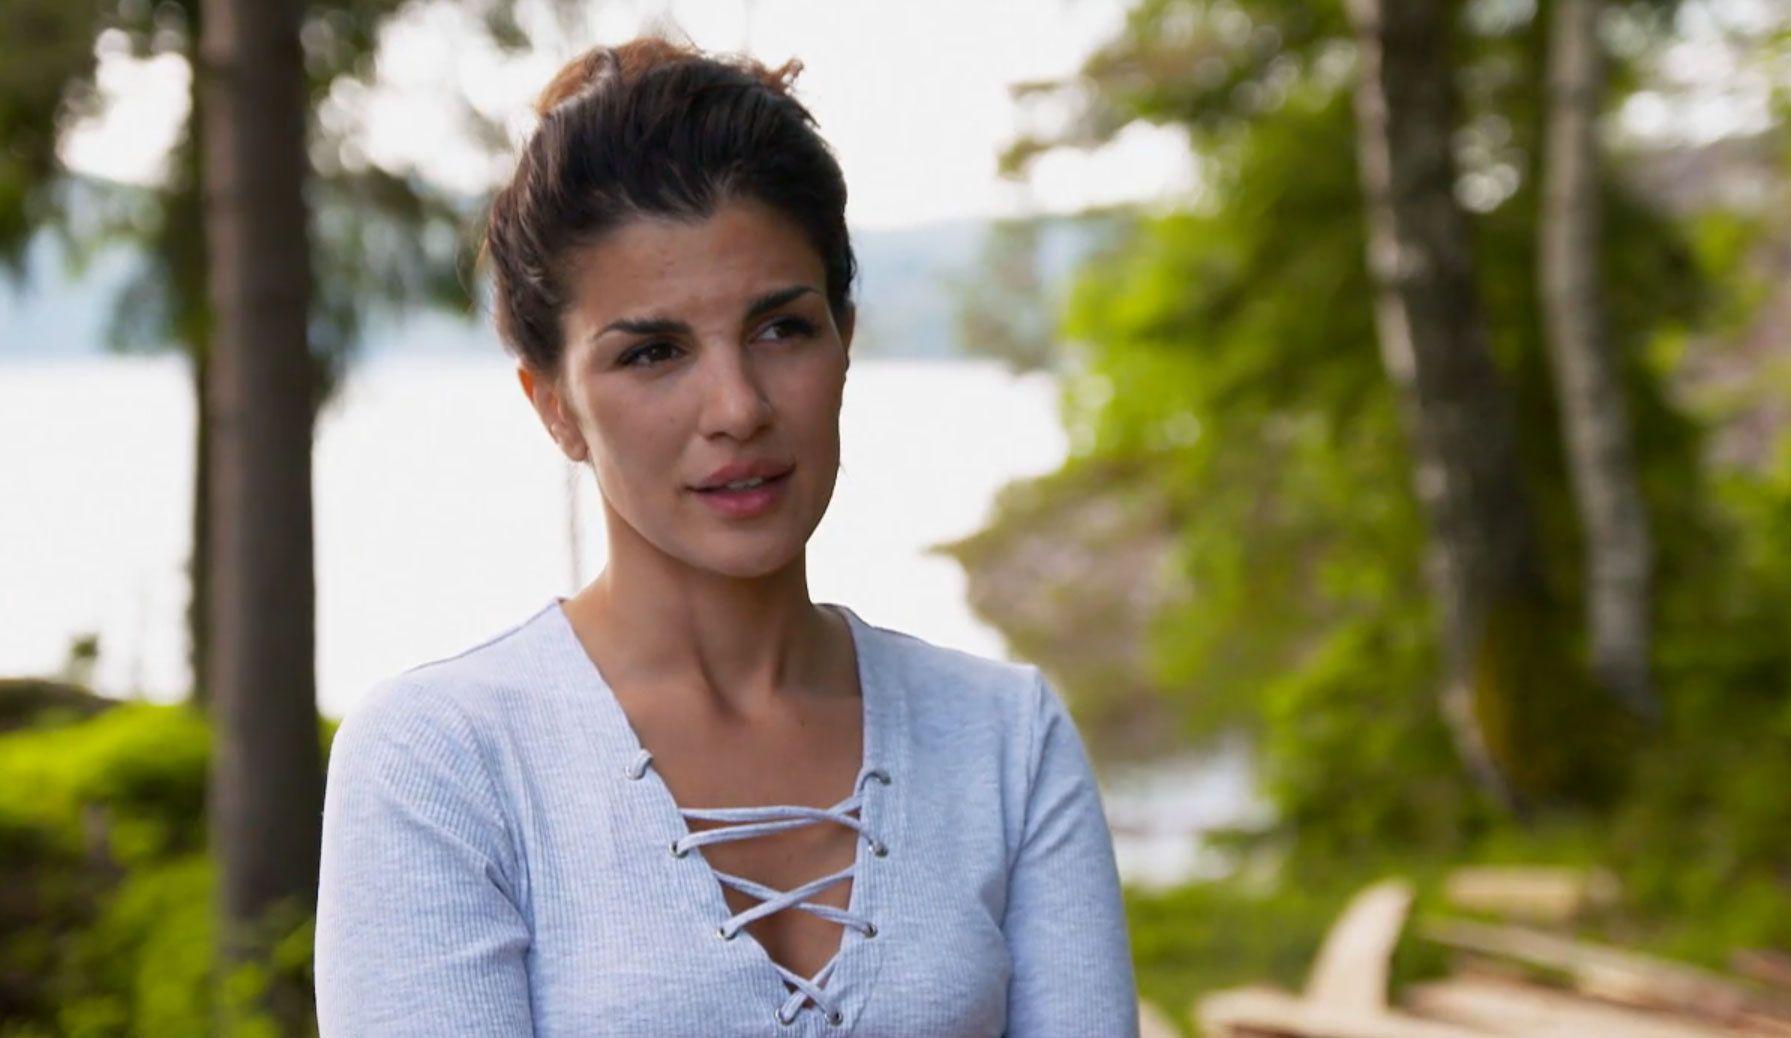 BRÅ EXIT: Aylar Lie når hun snakker om at hun må forlate gården på grunn av dødsfall i familien.